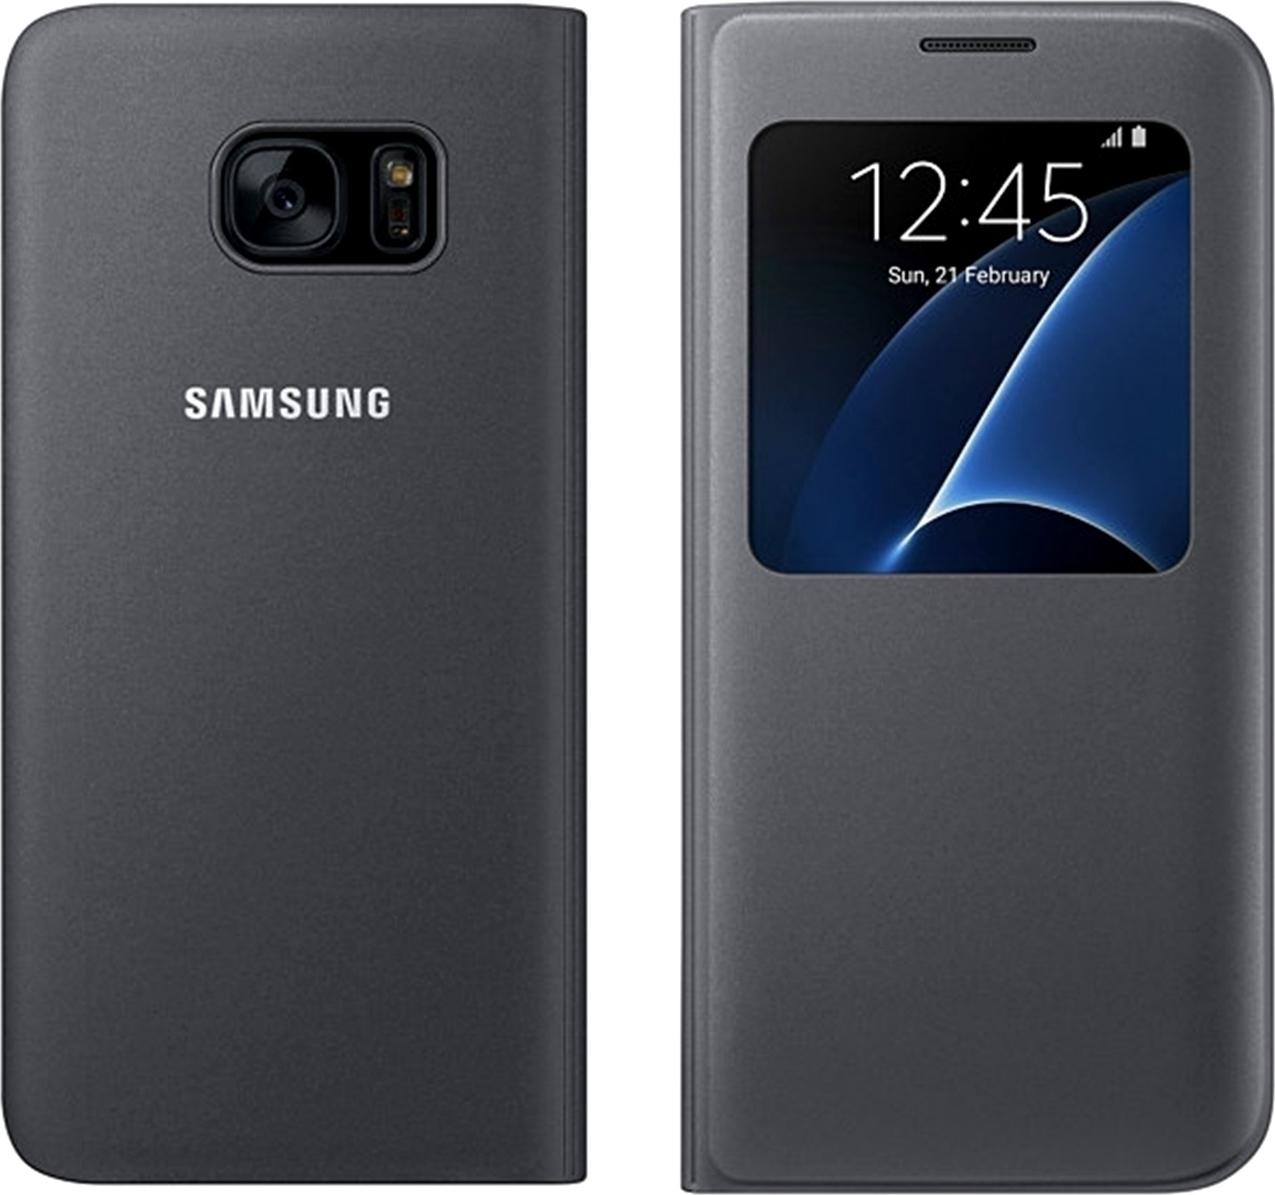 Samsung Galaxy S7 Edge Spigen Carbon Case Menu S View Cover Black